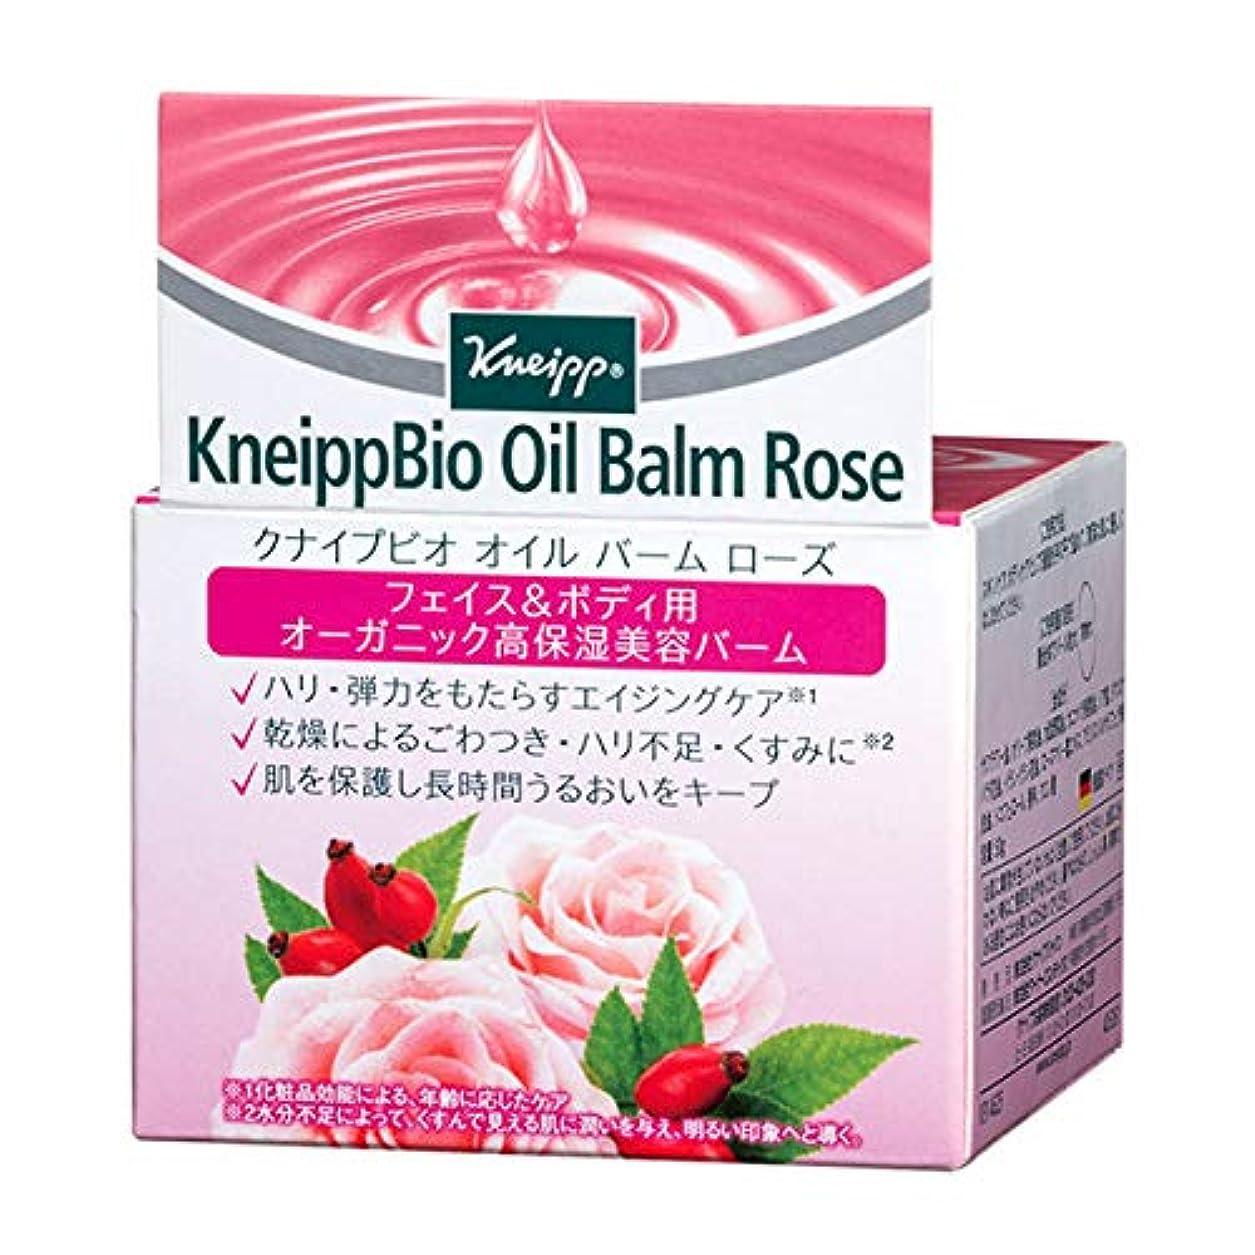 富ボーナスエッセンスクナイプ(Kneipp) クナイプビオ オイル バーム ローズ 50g 美容液